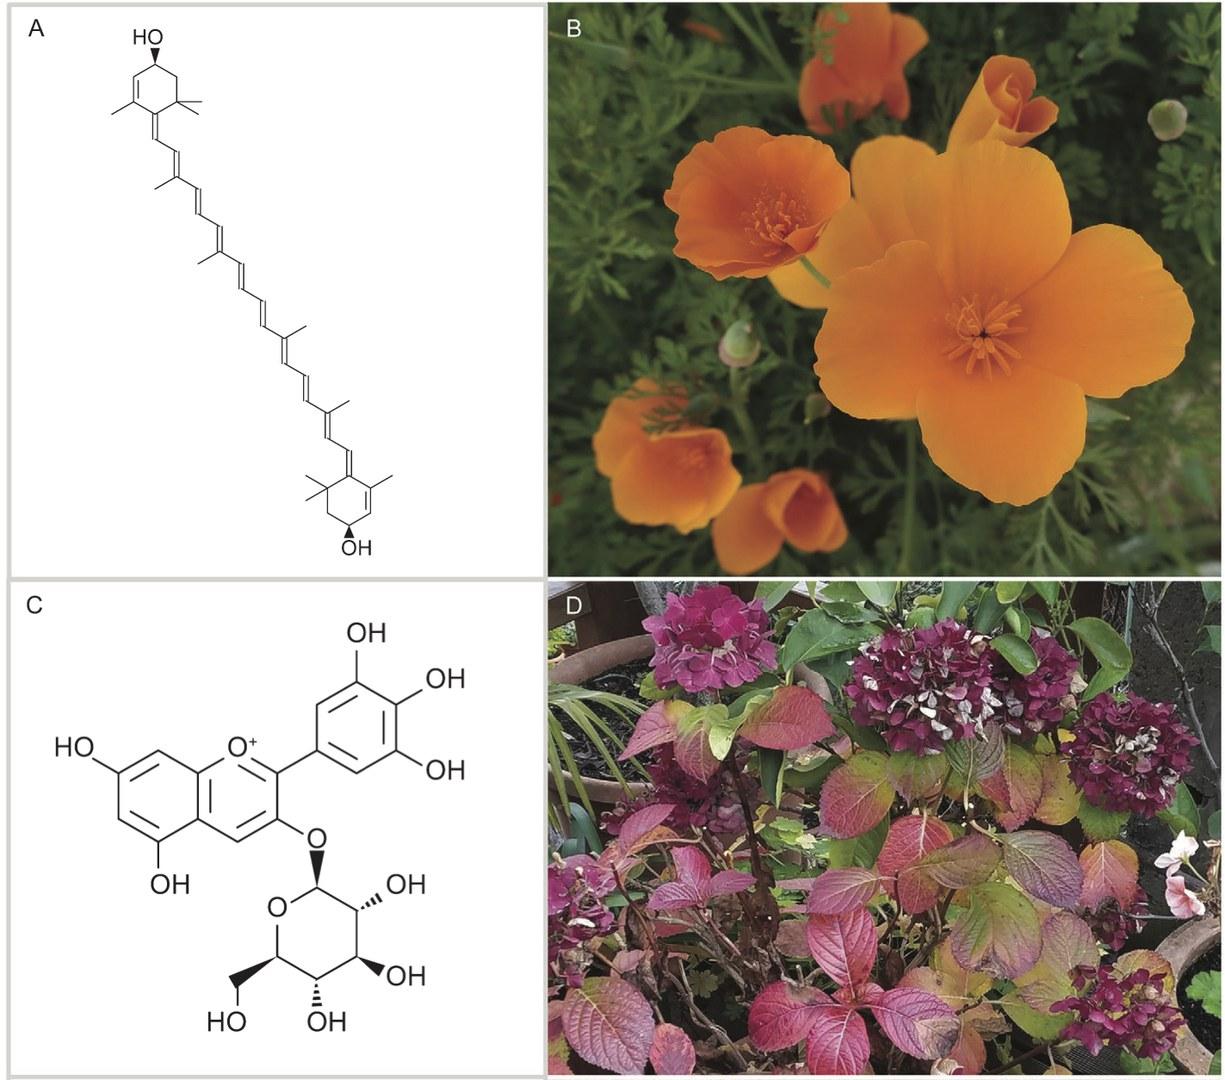 Zwei Beispiele von Pflanzenpigmenten, die sich möglicherweise im Fossilbericht finden lassen: